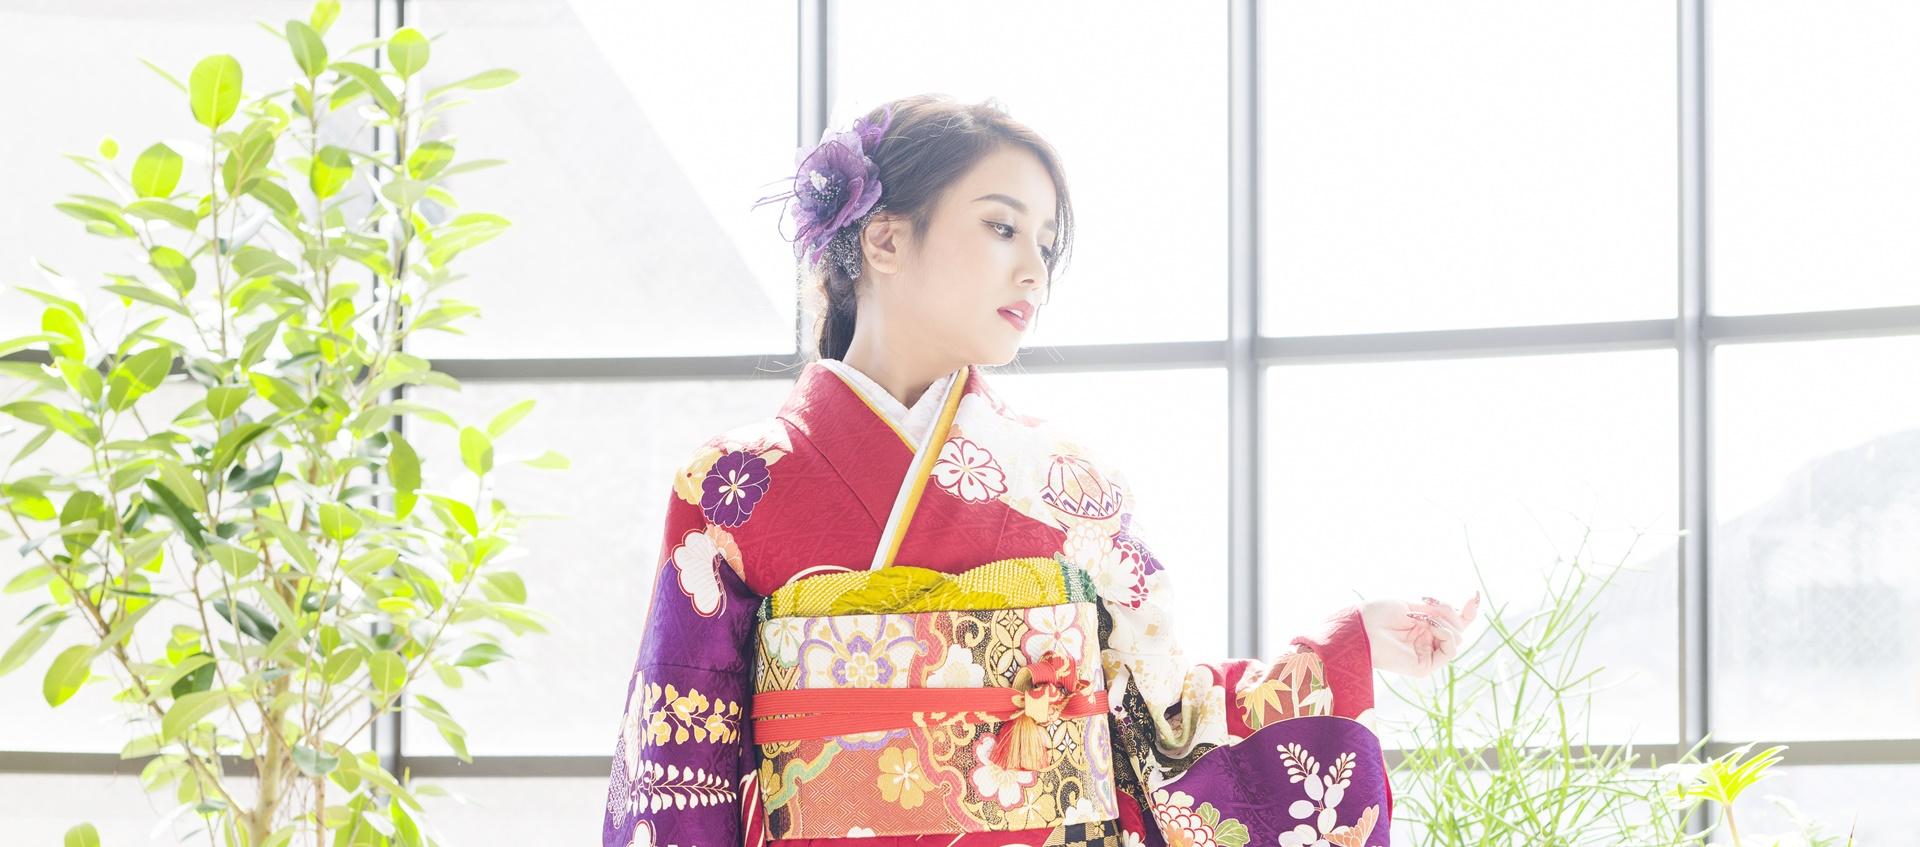 京都さがの館が選ばれる5つの理由